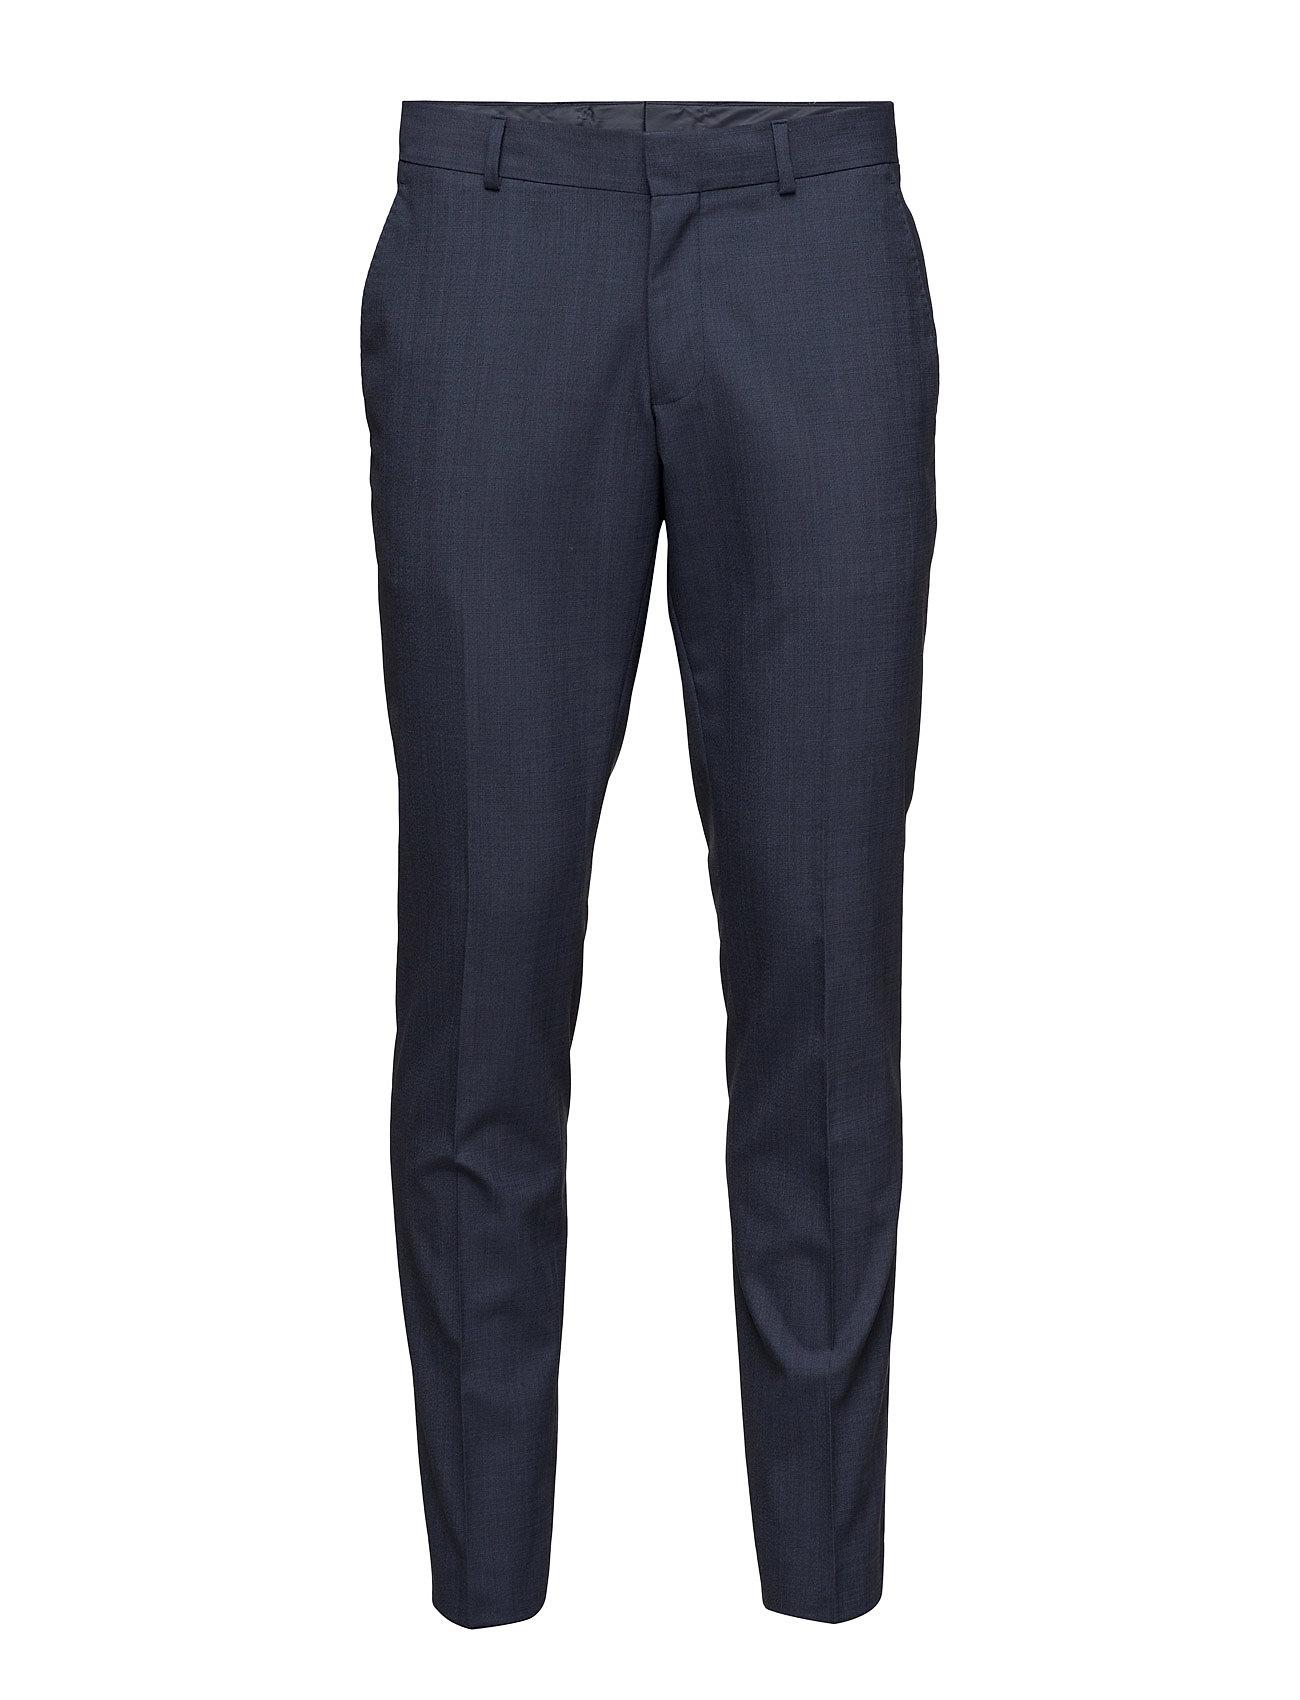 Pants Suit Esprit Collection Bukser til Herrer i Blå